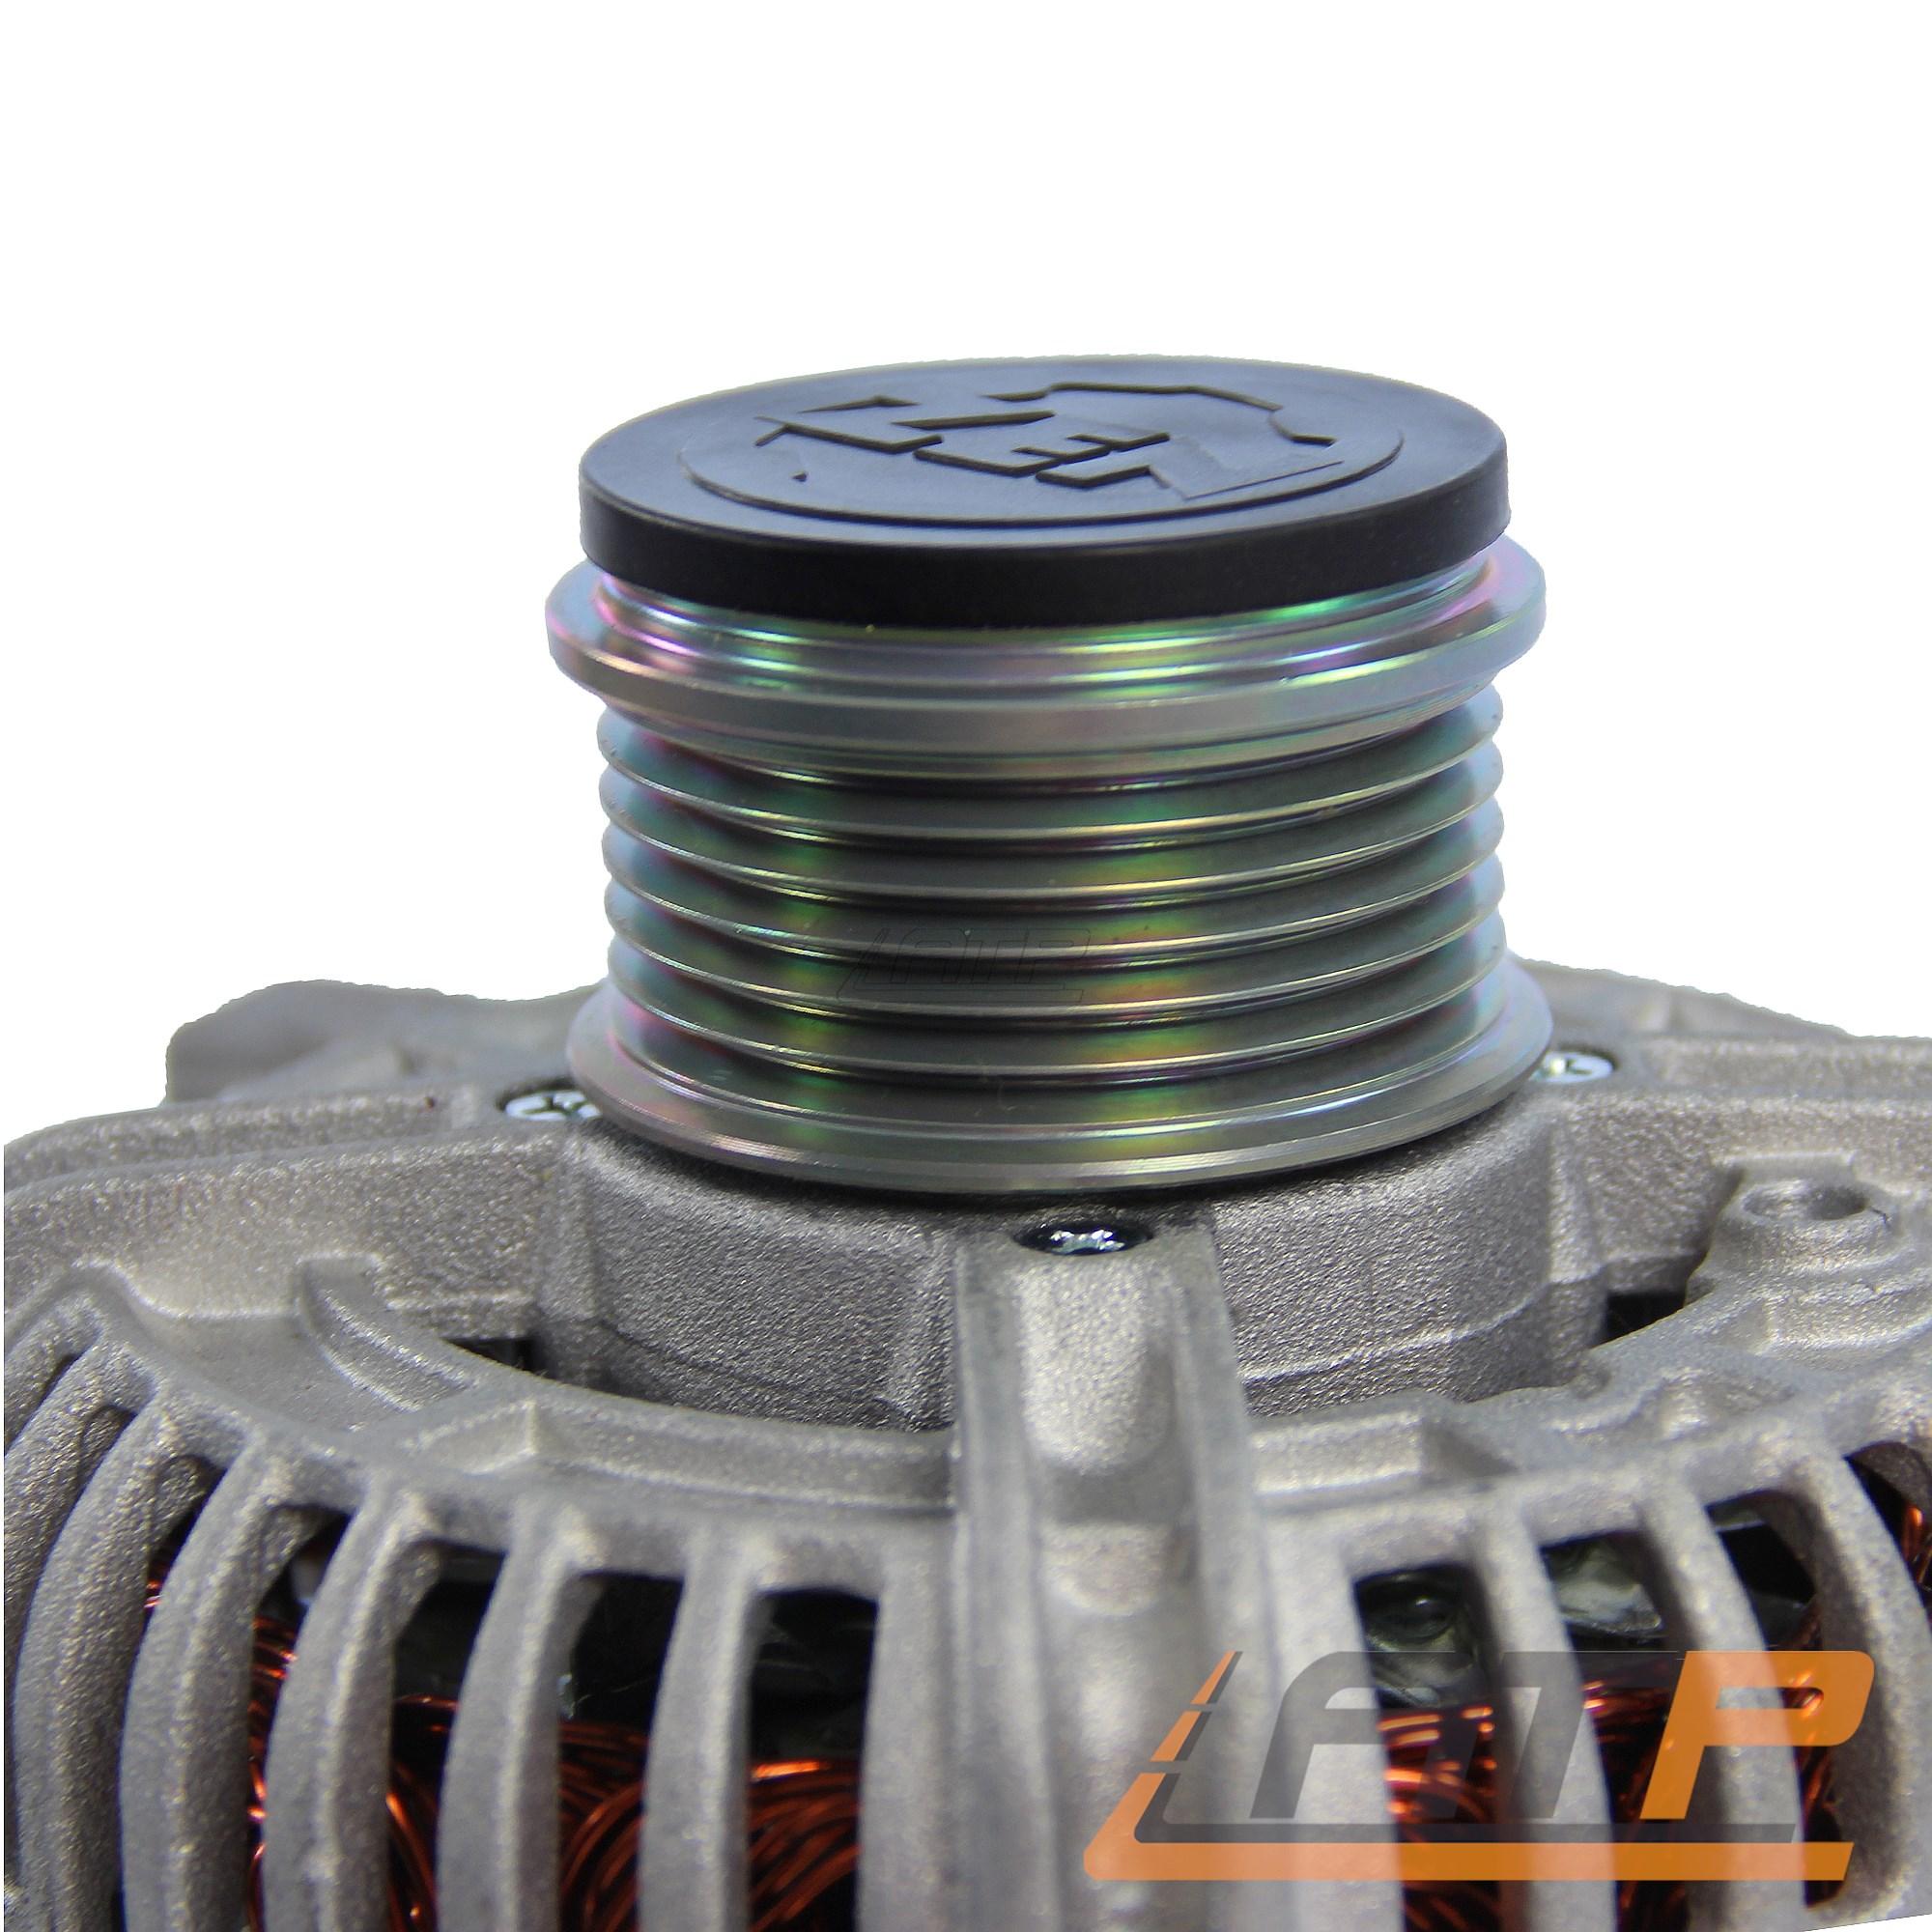 La dínamo generador 140-a volvo v70 2 2.0-r 2,5 toneladas año de fabricación 00-04